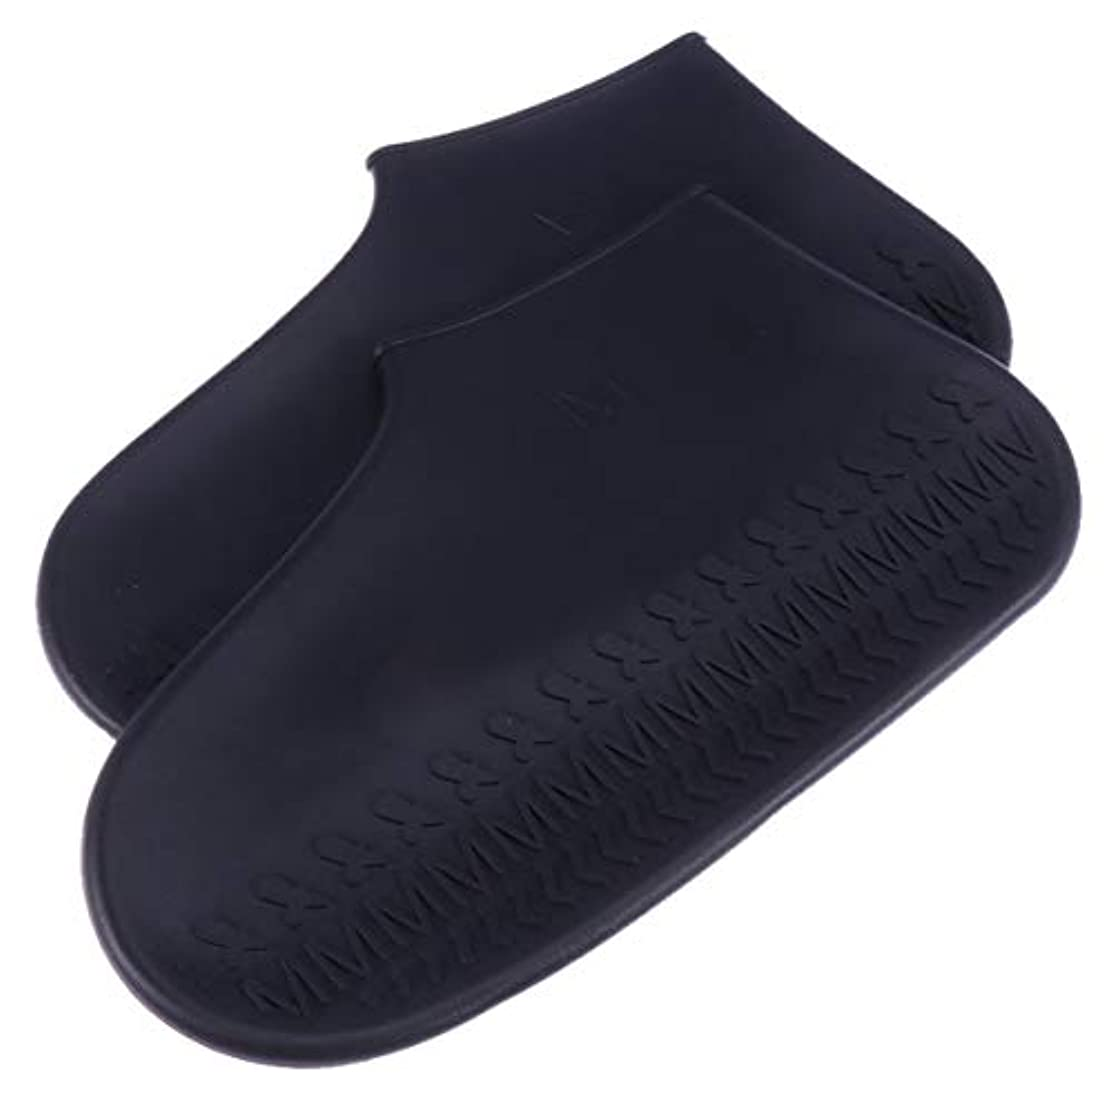 強盗特徴限られたHealifty 滑り止め靴カバーブーツカバーサイズl(黒)